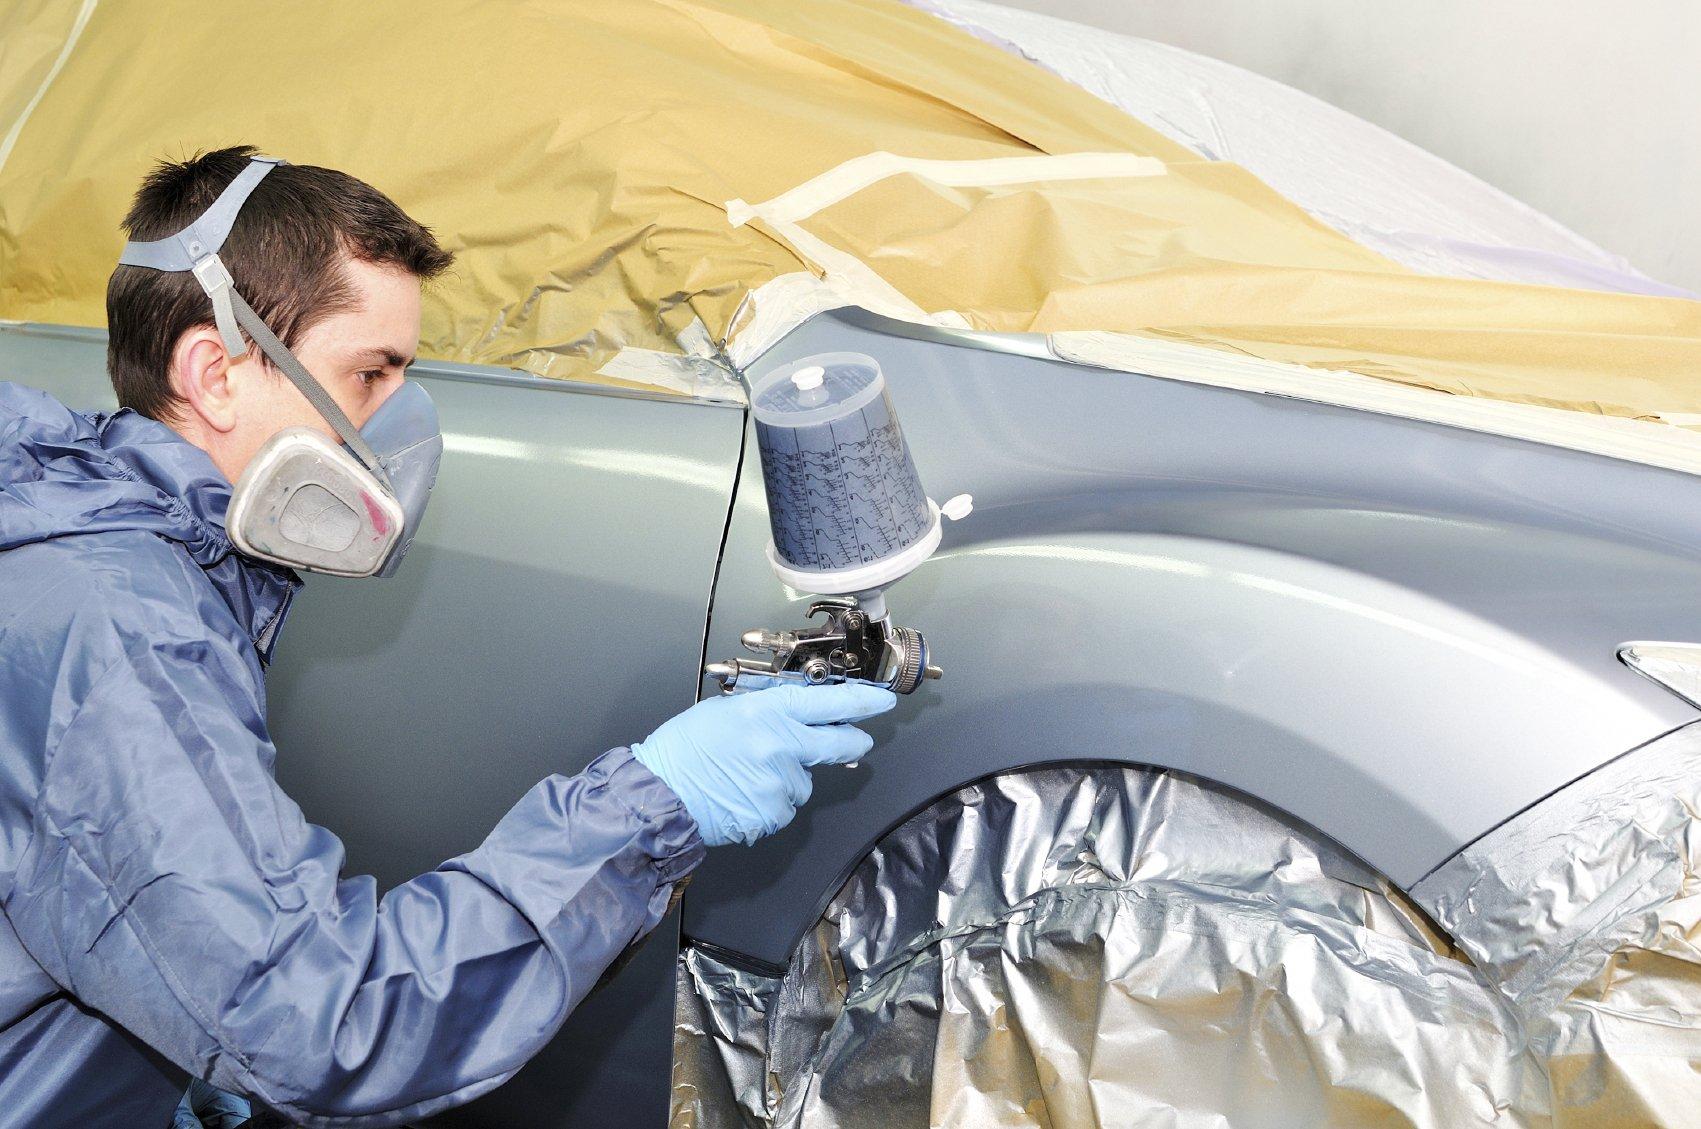 Руководство по Покраске Автомобиля